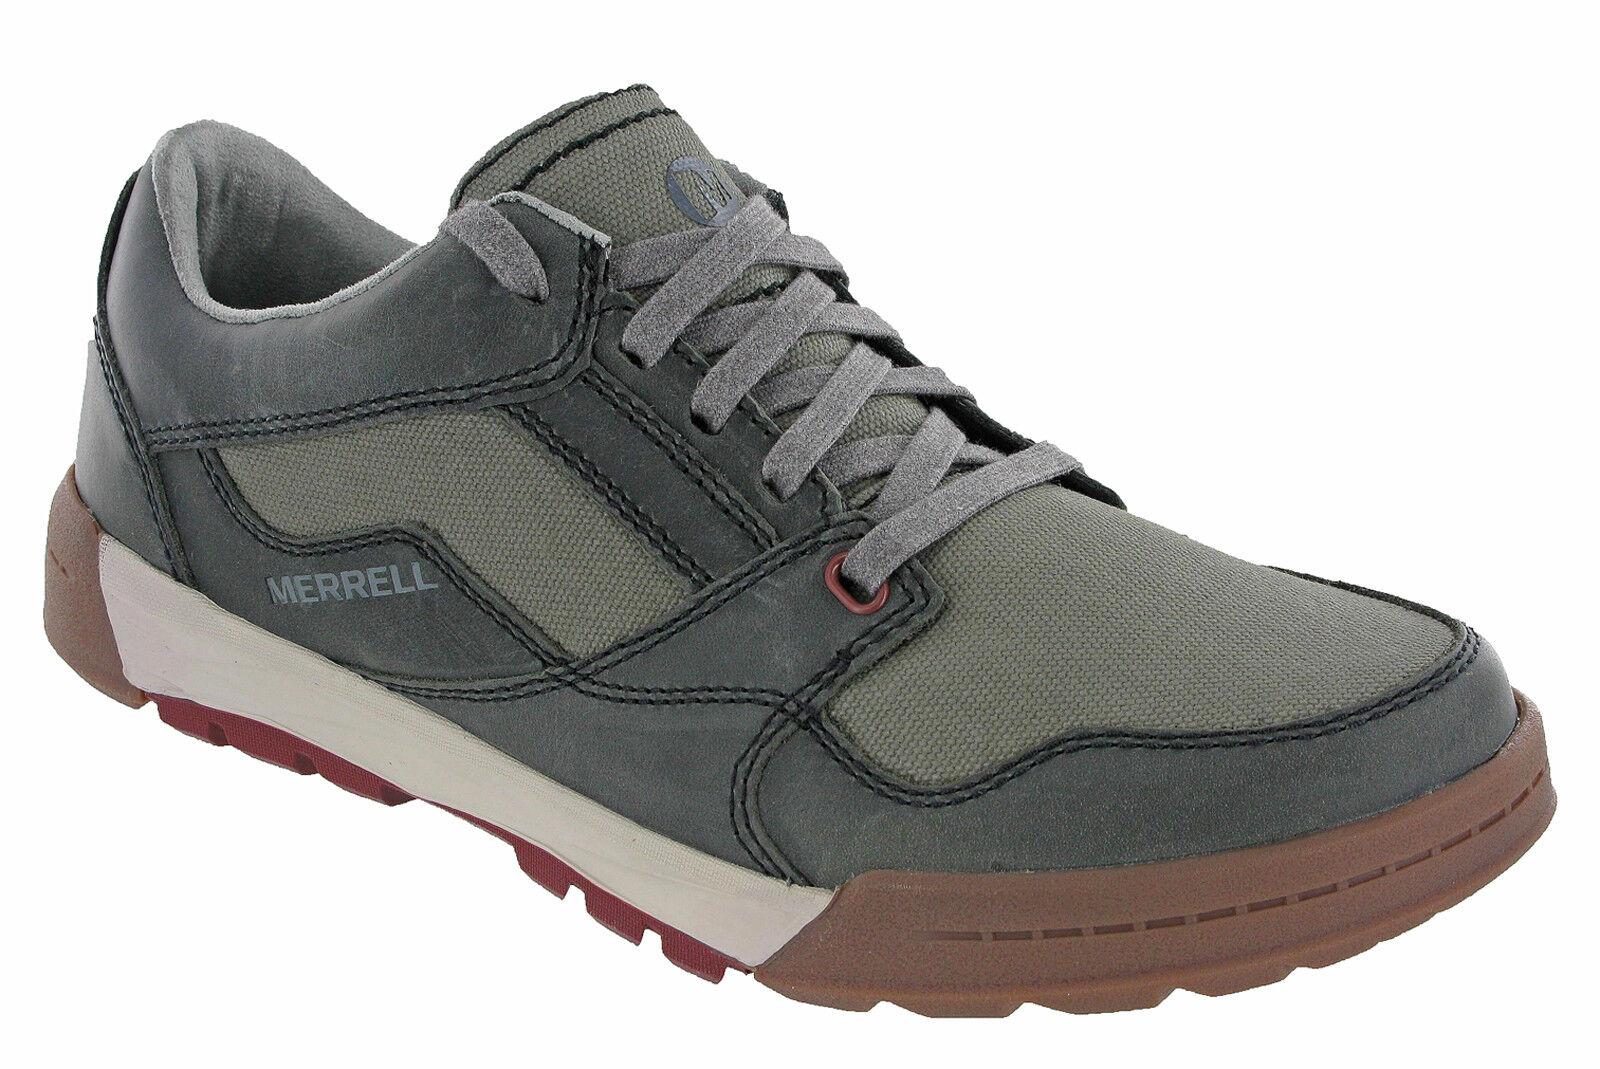 Merrell Berner Shift Mens Casual shoes Walking Trekking Flat J91413 Granite